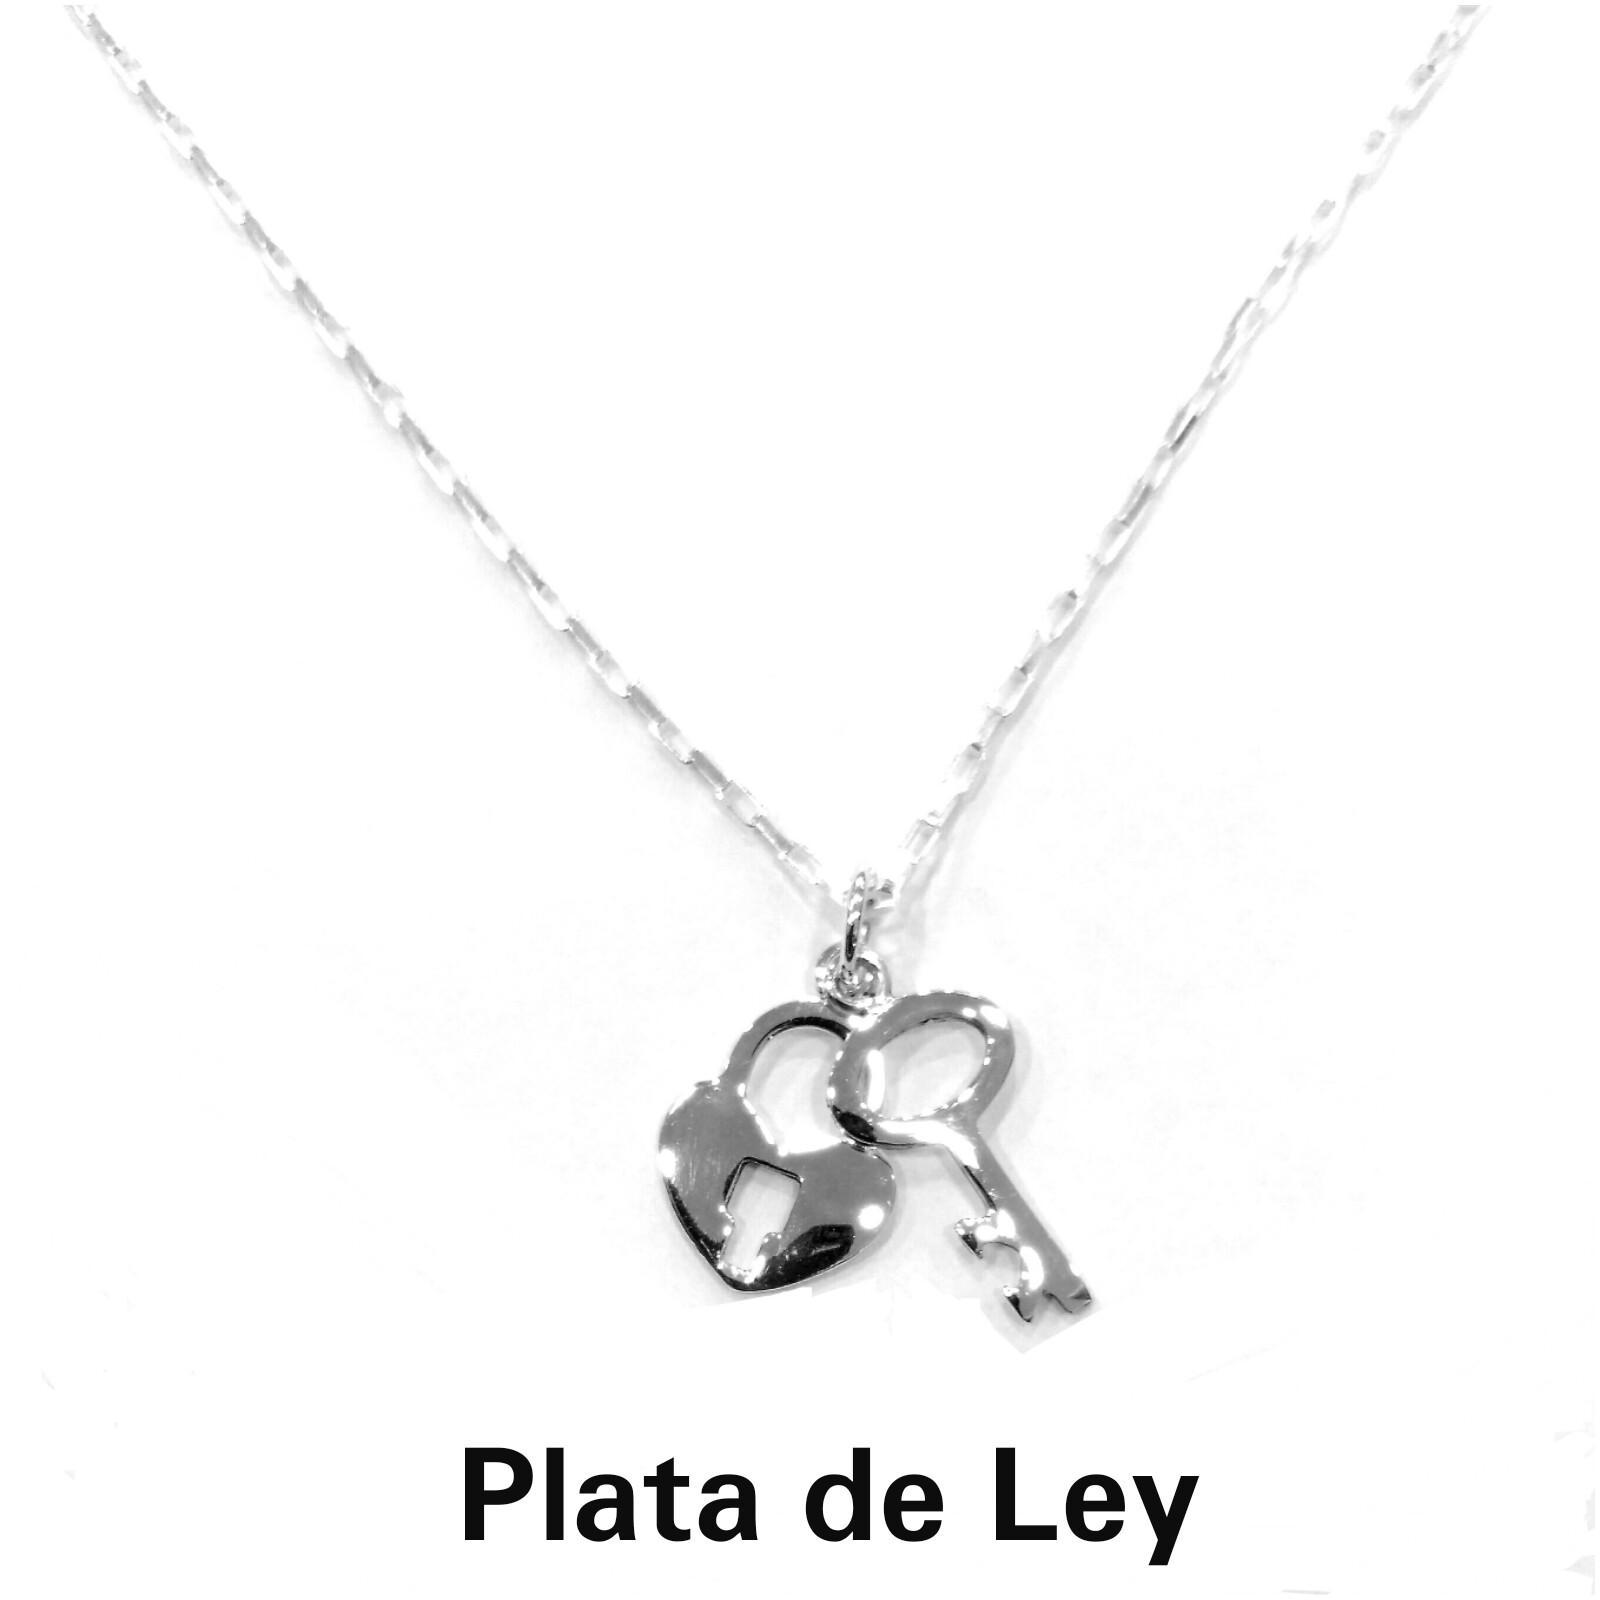 Colgante con cadena con llave y candado plata